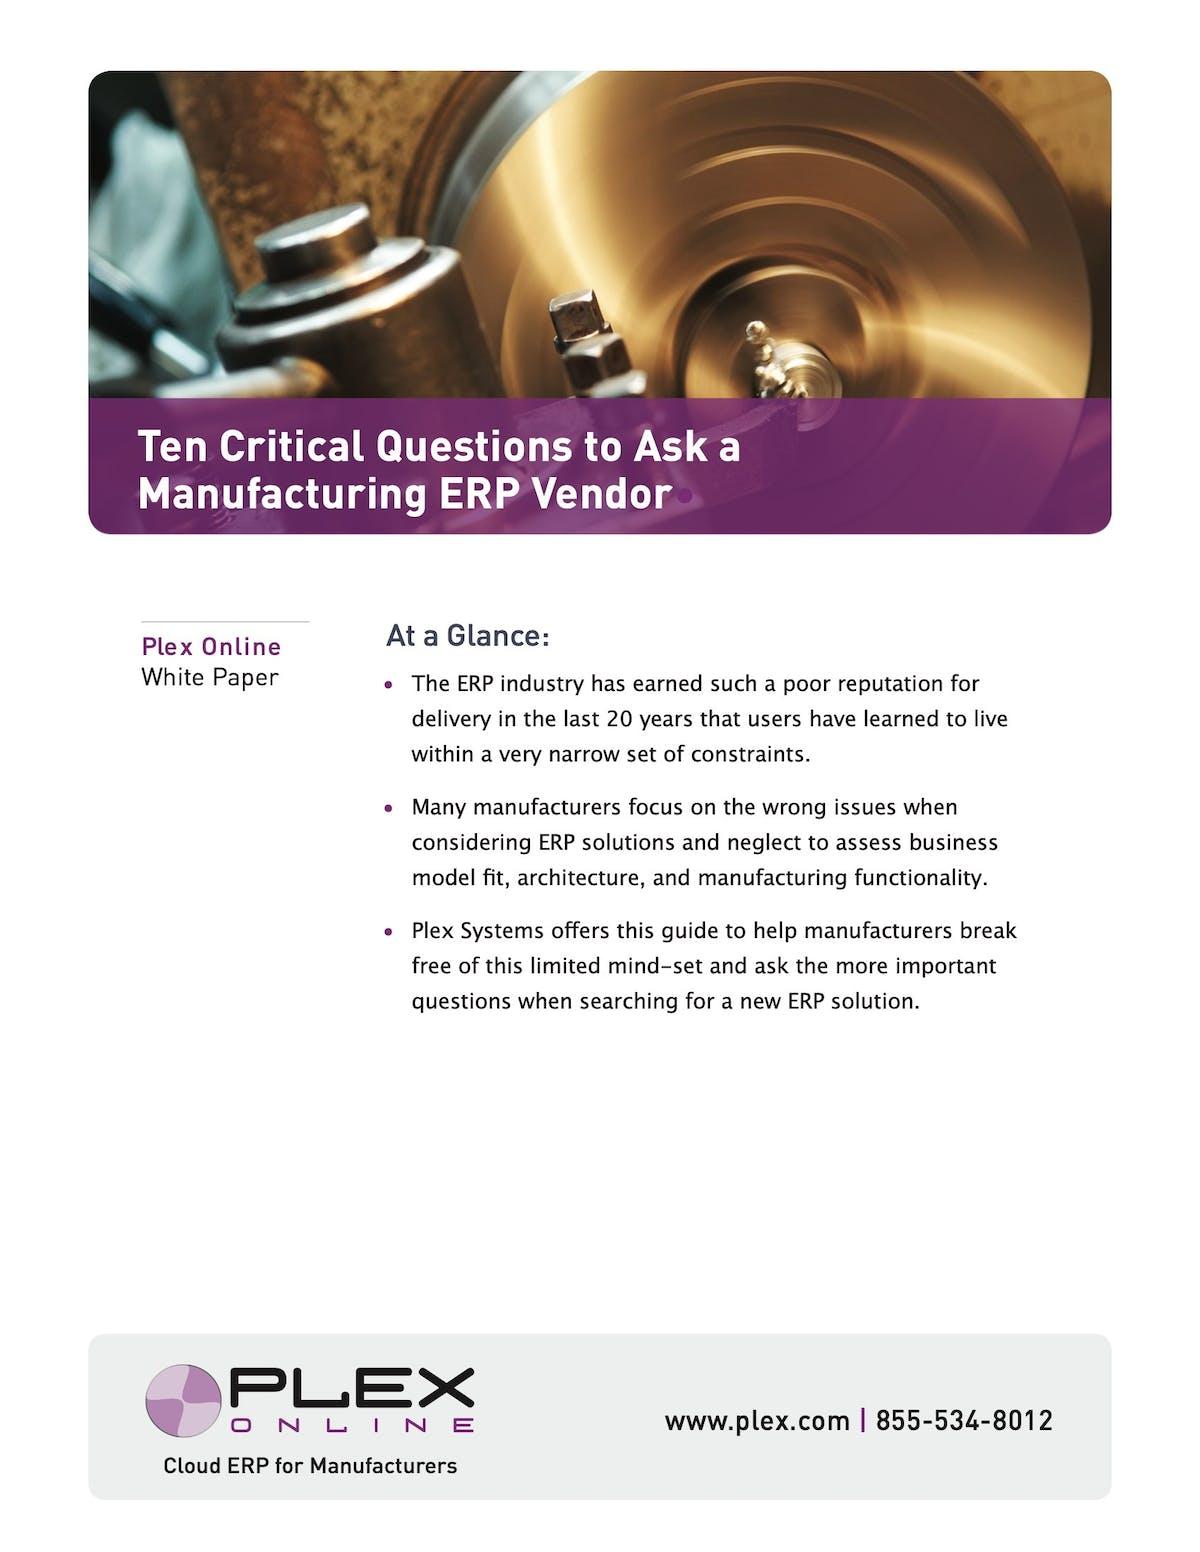 Plex Manufacturing Cloud White Paper - Ten Critical Questions To Ask A Manufacturing ERP Vendor